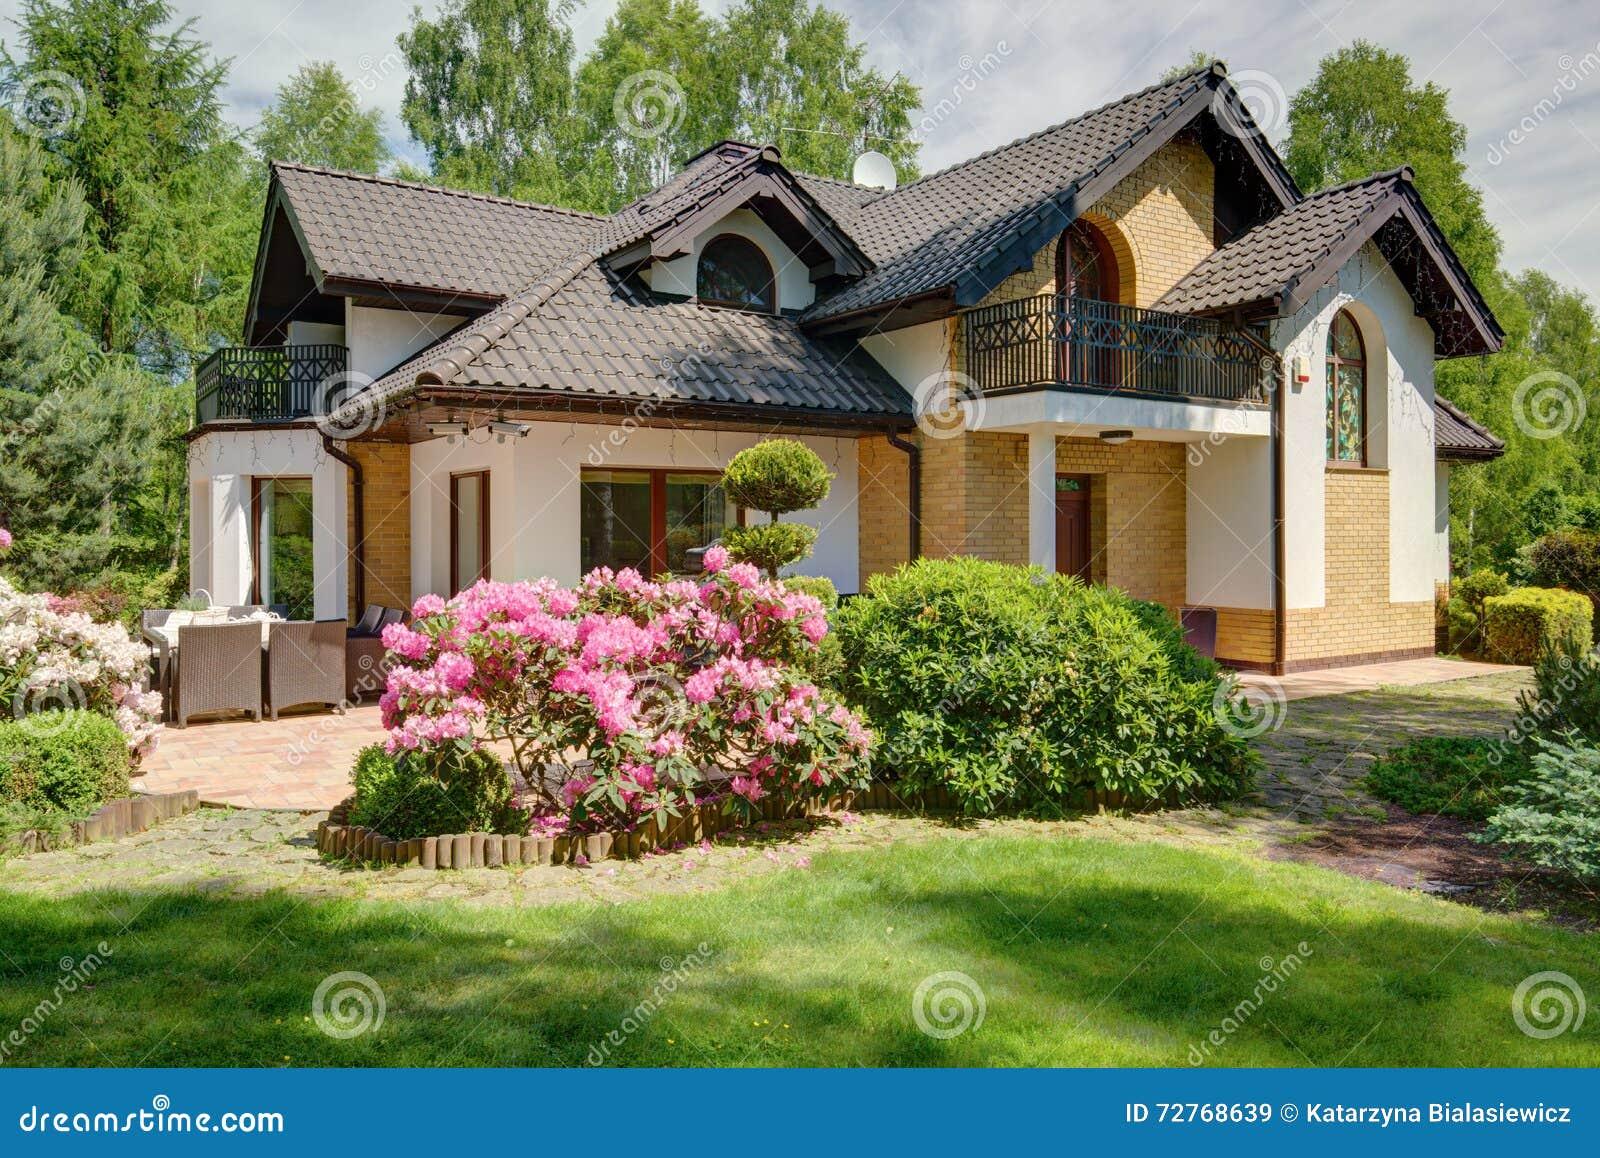 Maison luxueuse dans les banlieues photo stock image for Maison luxueuse moderne